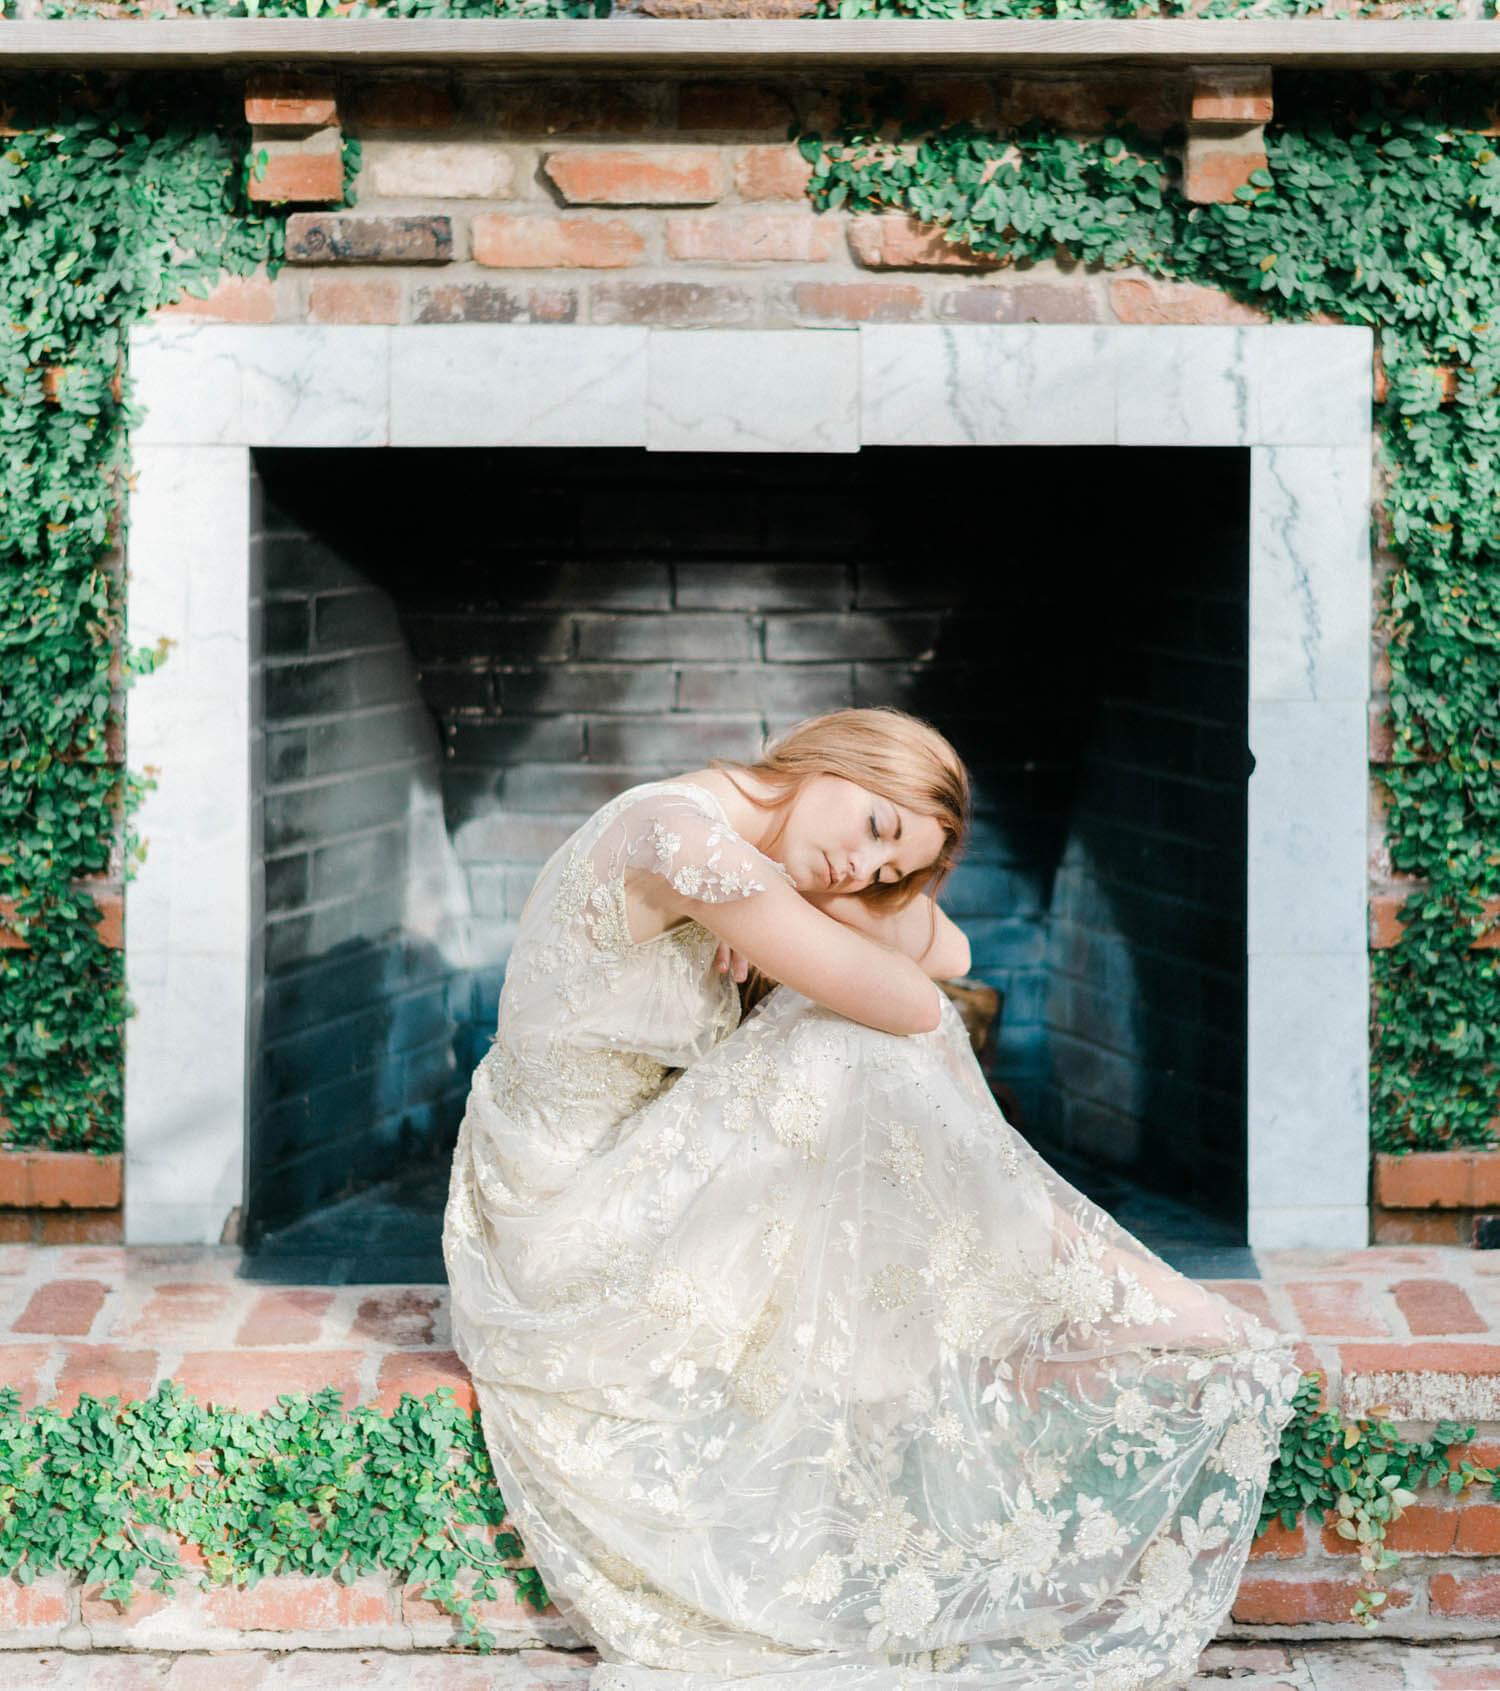 bride getting ready lc la photo